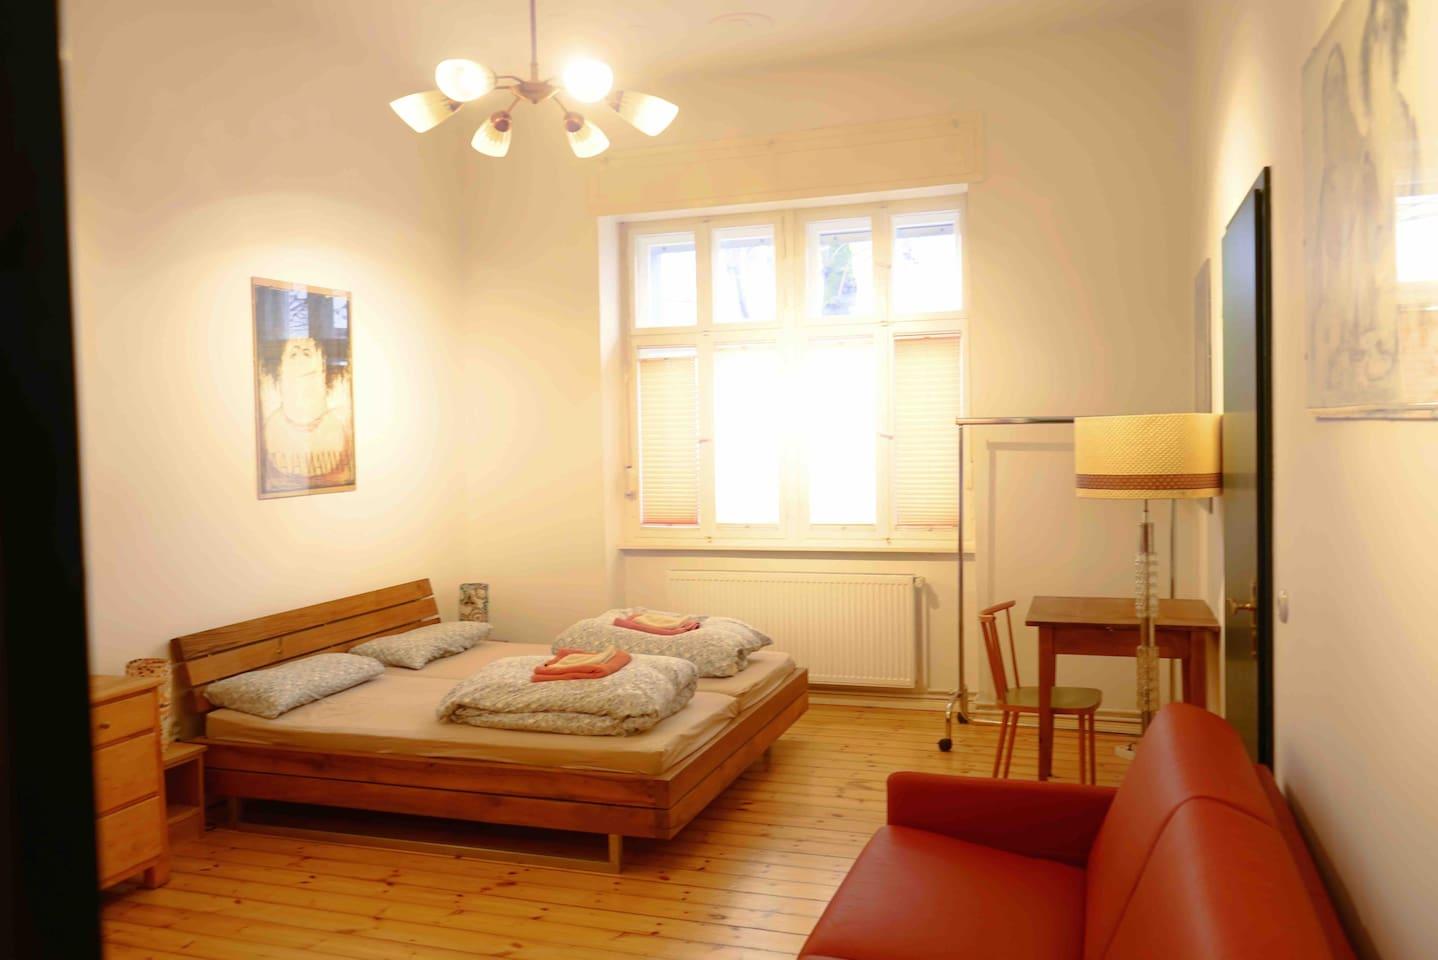 Cafe Wohnzimmer Berlin Hausgestaltung Ideen